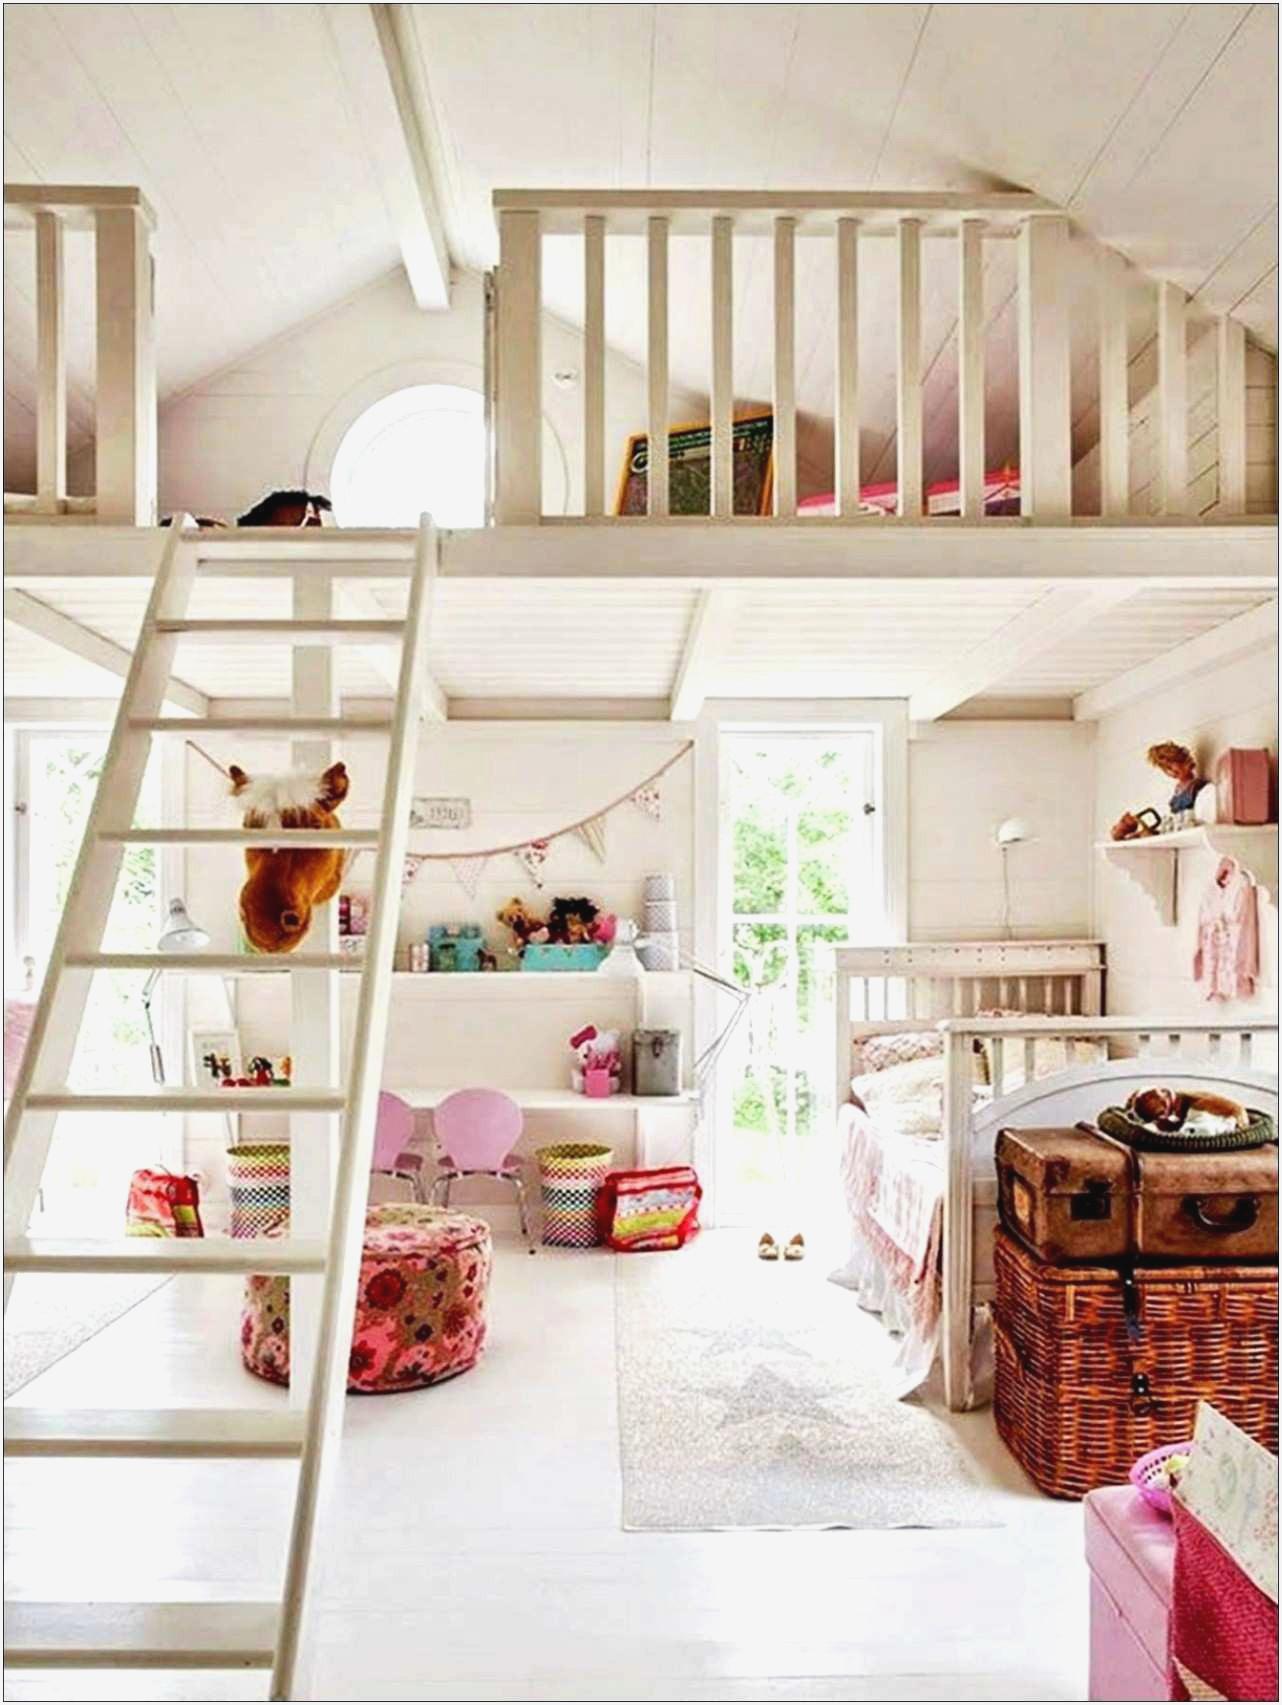 Full Size of Wandsticker Kinderzimmer Jungen Junge Tapete 6 Jahre Traumhaus Regal Sofa Weiß Regale Küche Kinderzimmer Wandsticker Kinderzimmer Junge